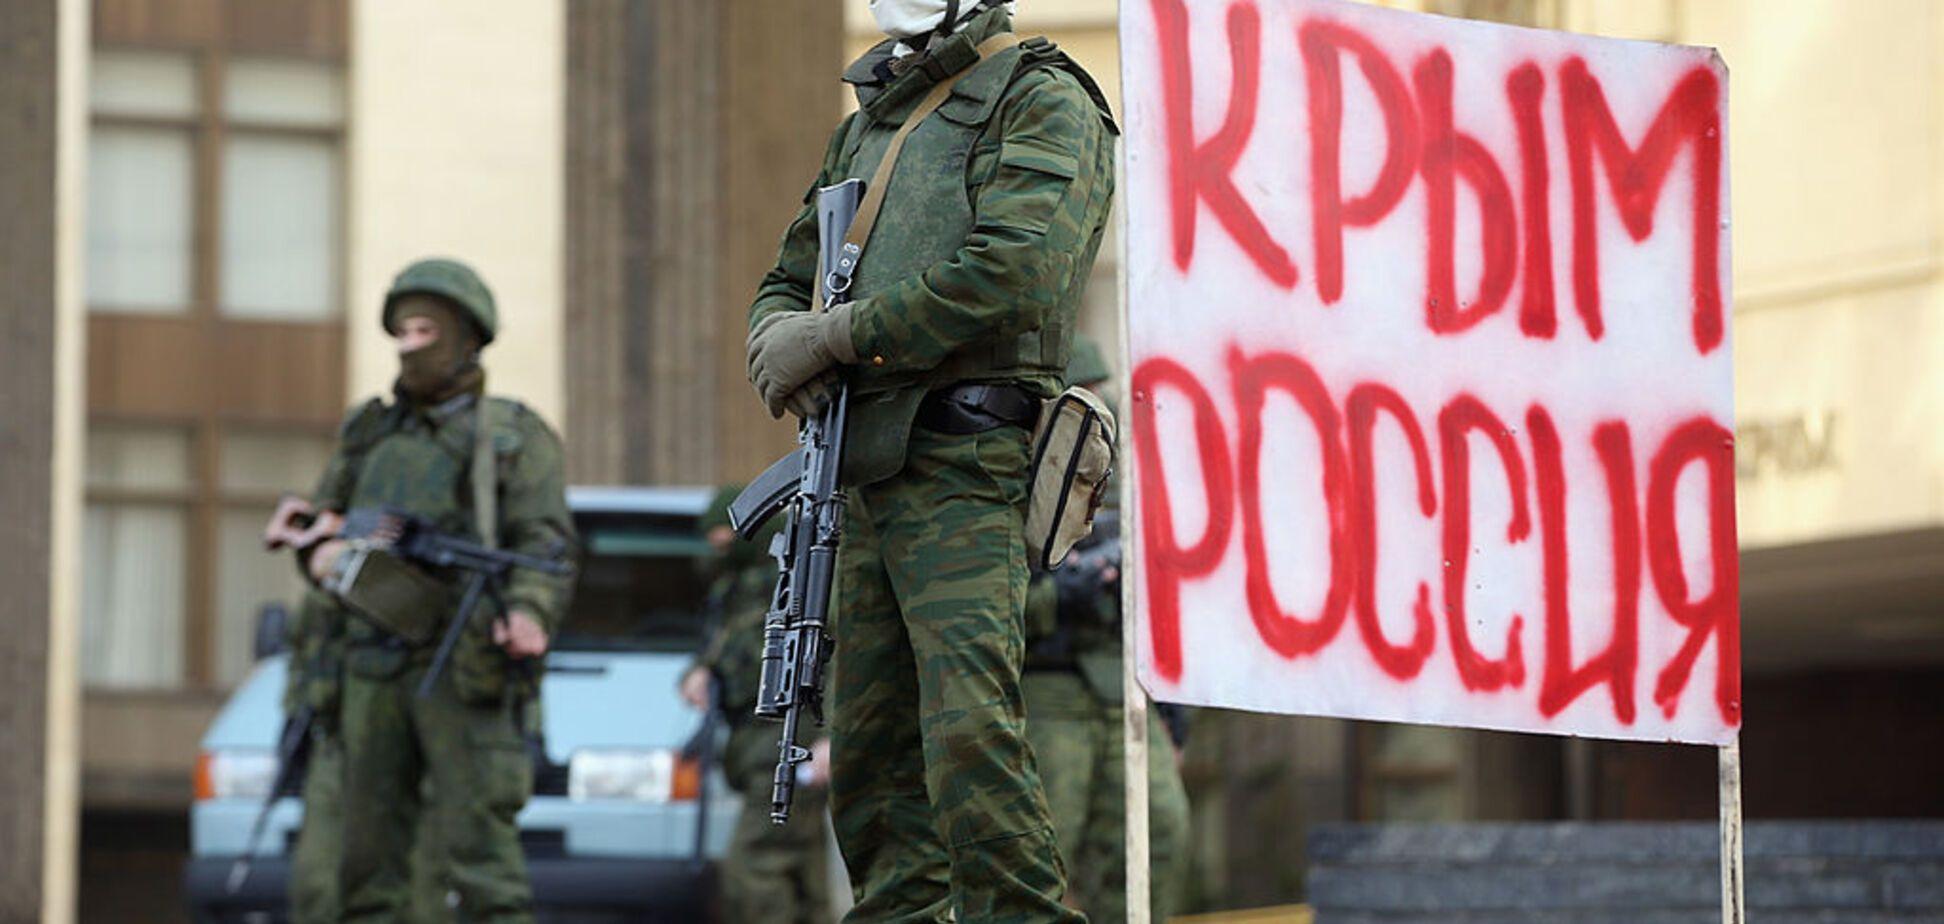 Захоплення Криму: екс-глава ВМС пояснив, ким були 'зелені чоловічки'